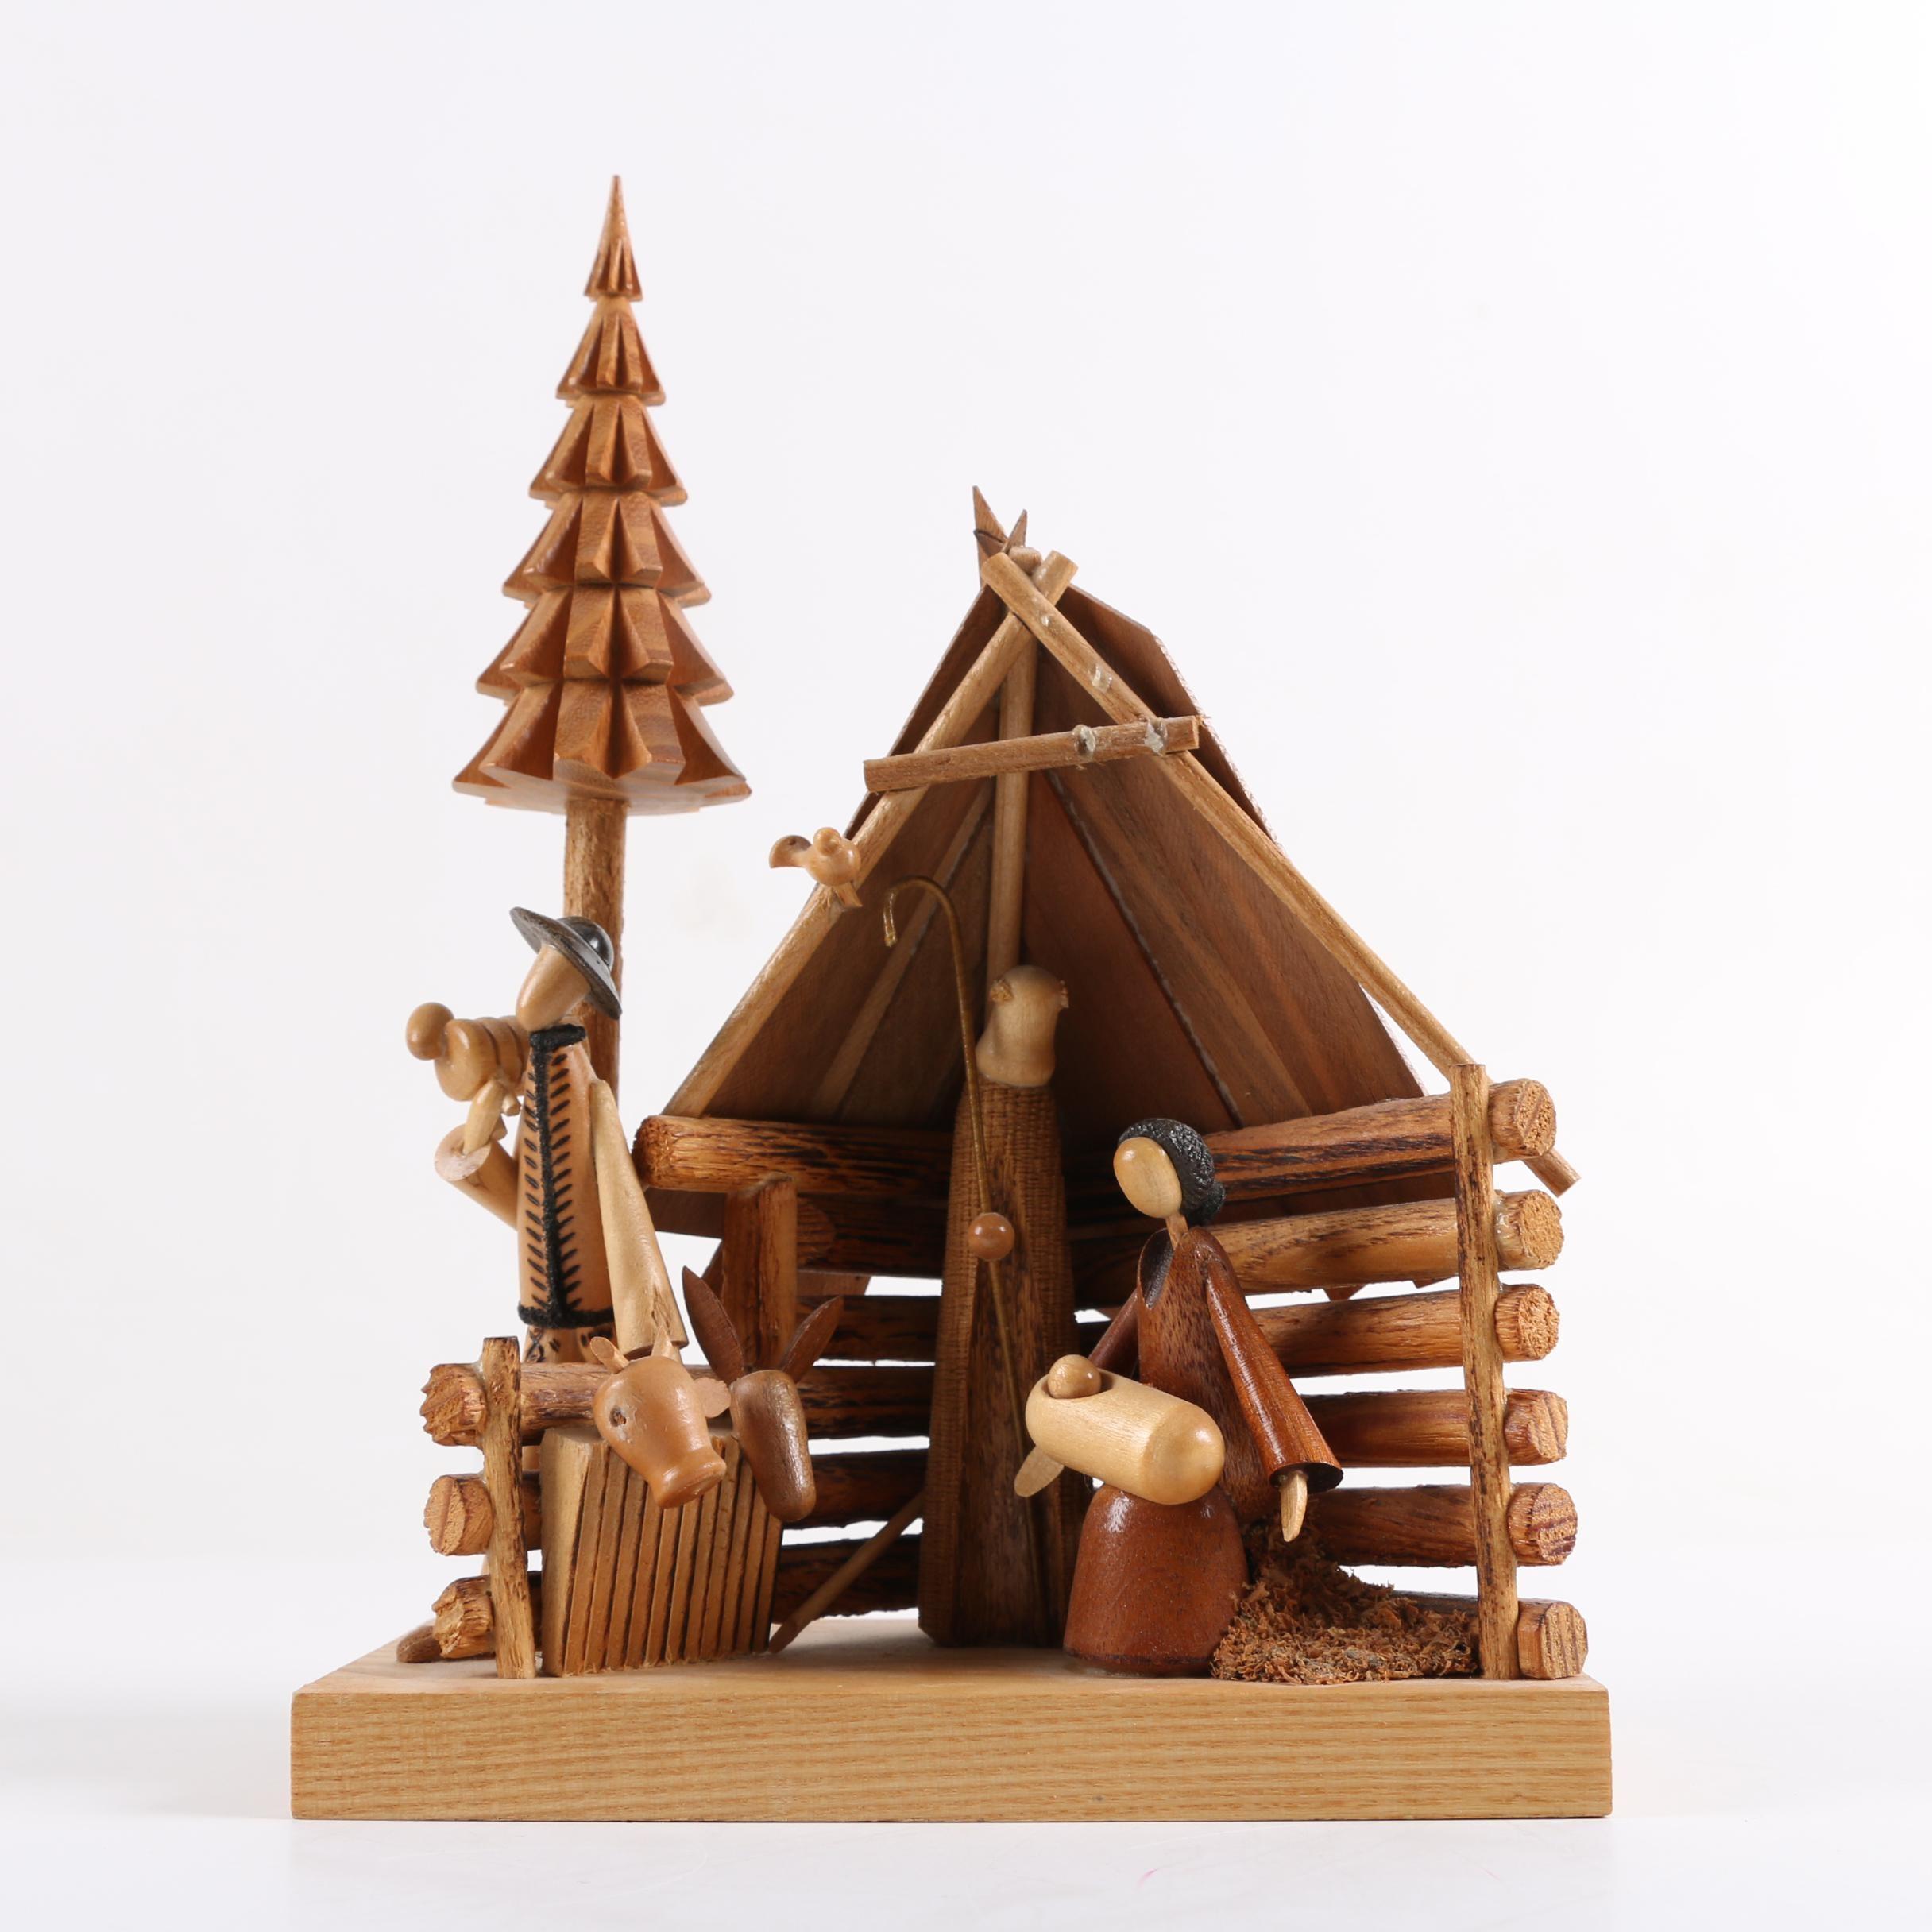 Wooden Nativity Figurine